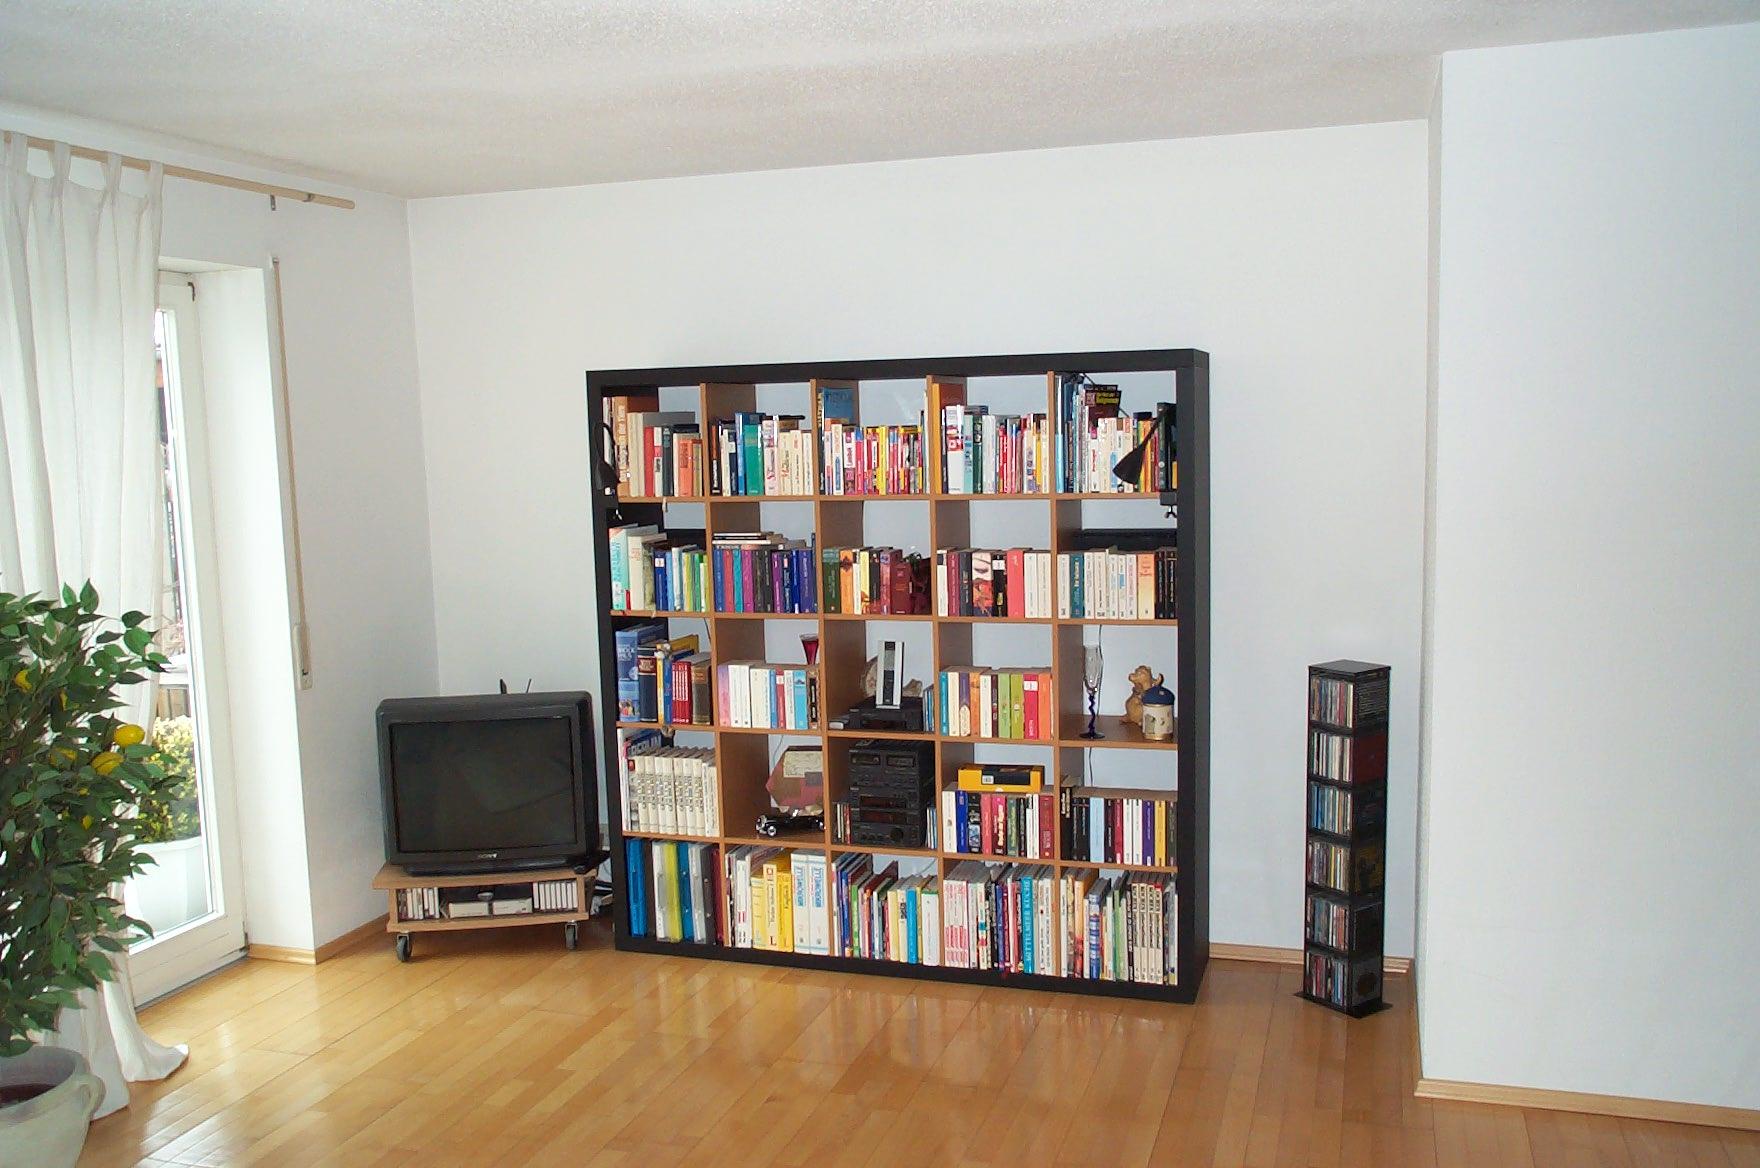 Wohnzimmerregal in Lack schwarz und Buche